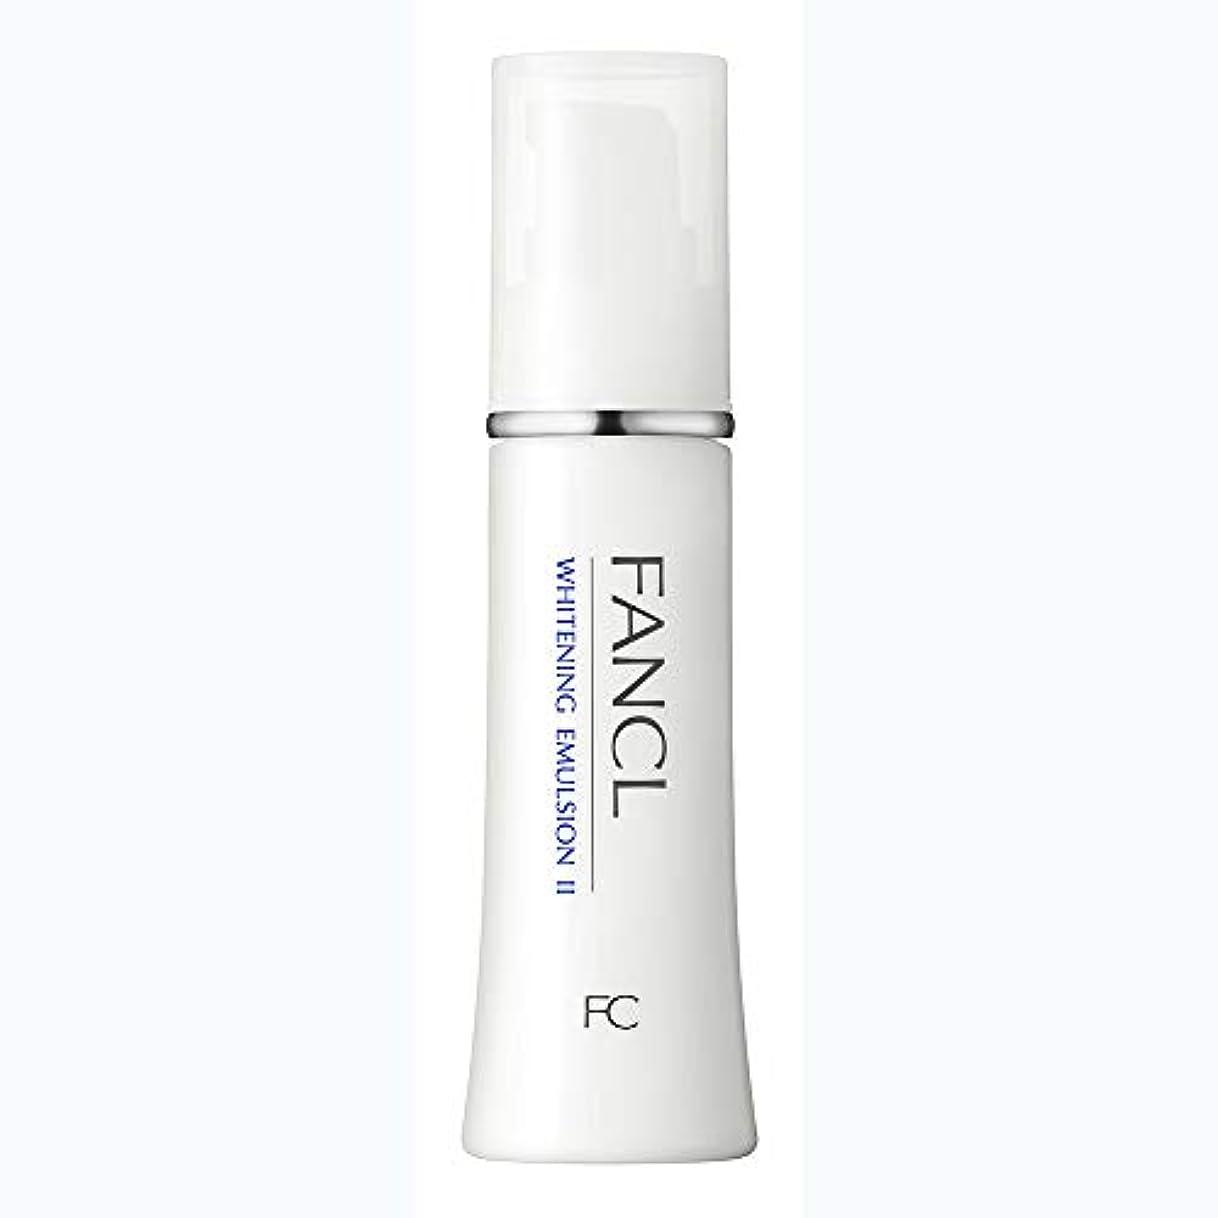 オールコーデリア太平洋諸島ファンケル(FANCL) 新 ホワイトニング 乳液 II しっとり 1本 30mL<医薬部外品>